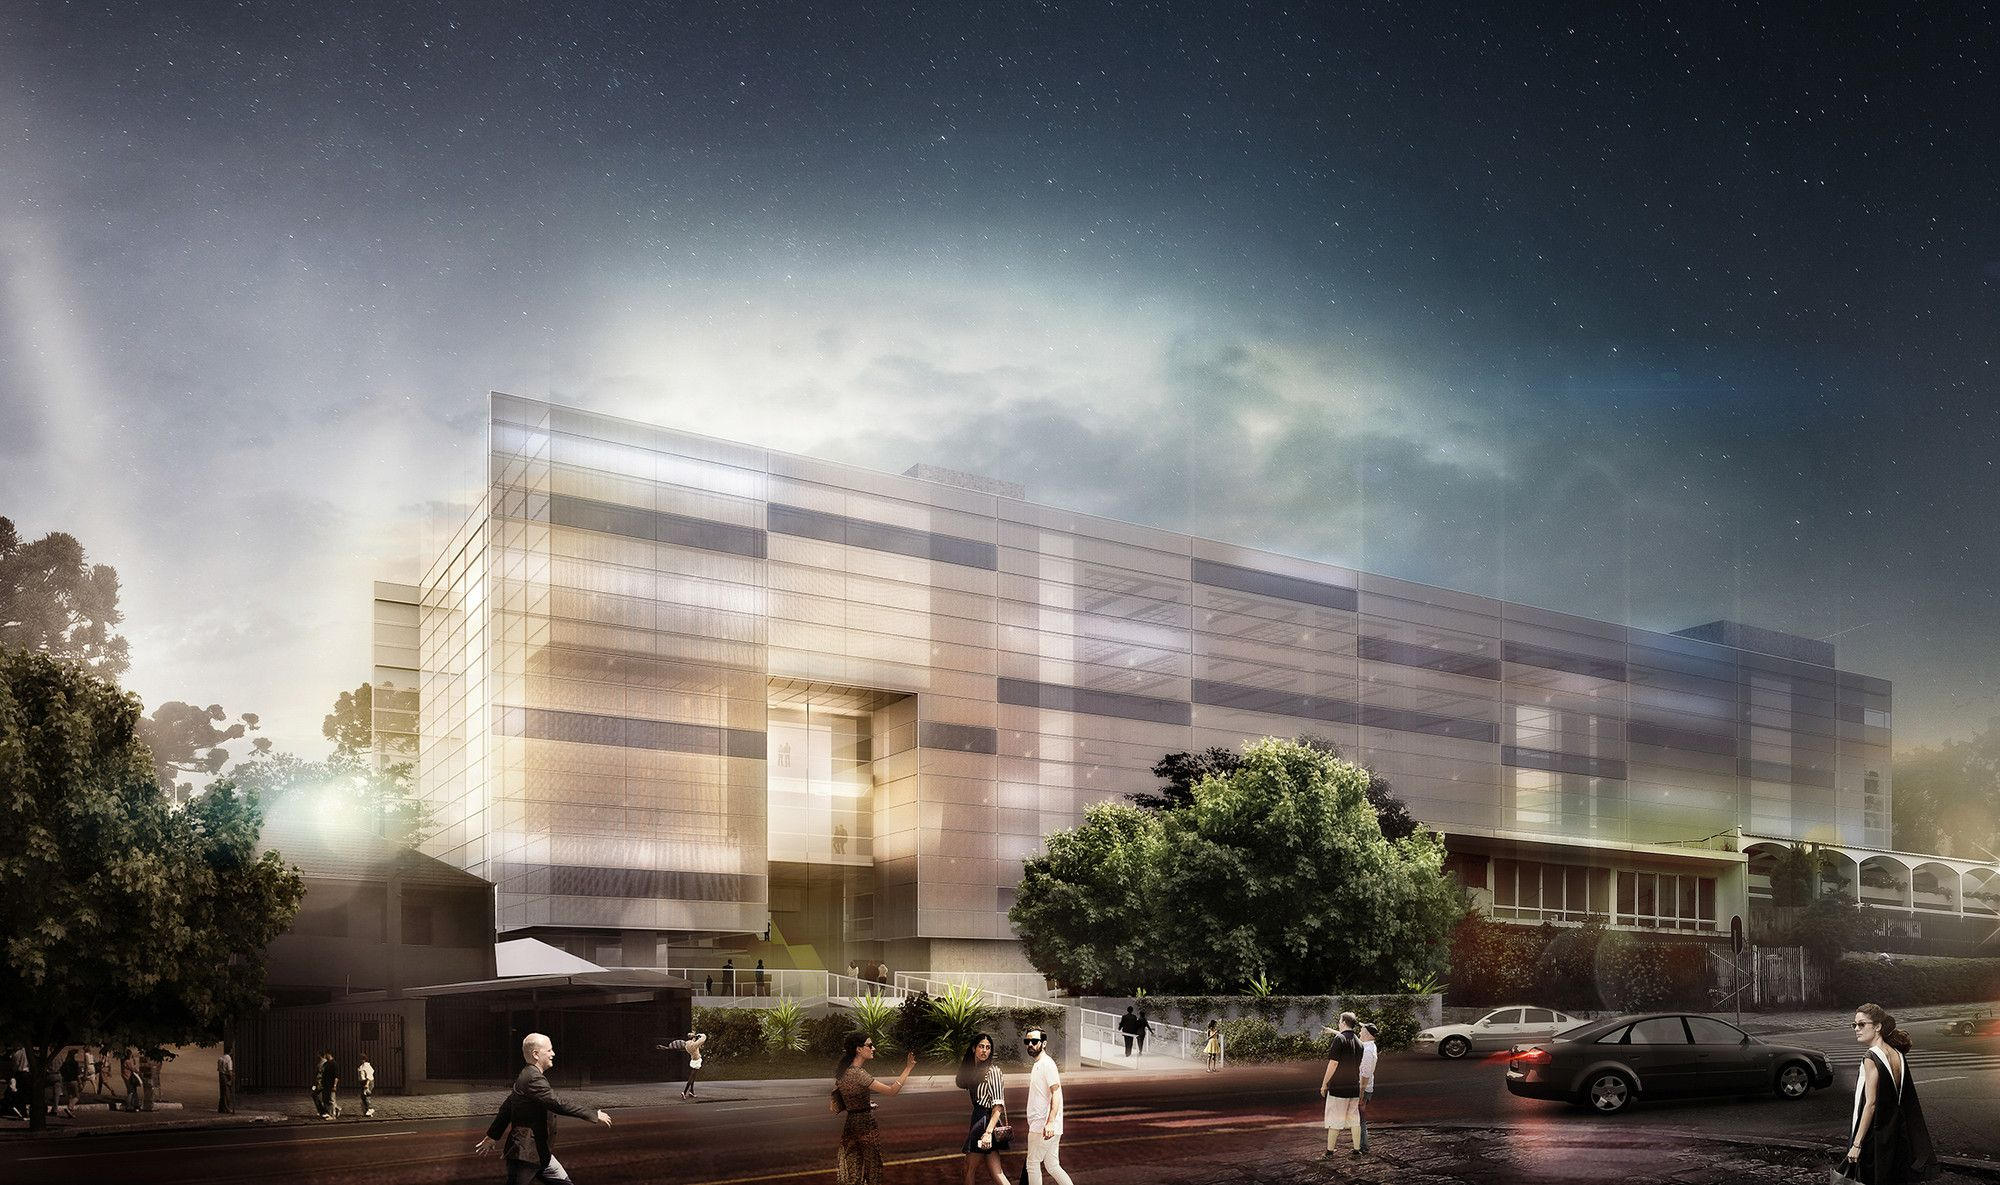 Galeria - Primeiro lugar no concurso para Nova Sede do Clube Curitibano / Arqbox Arquitetura - 1